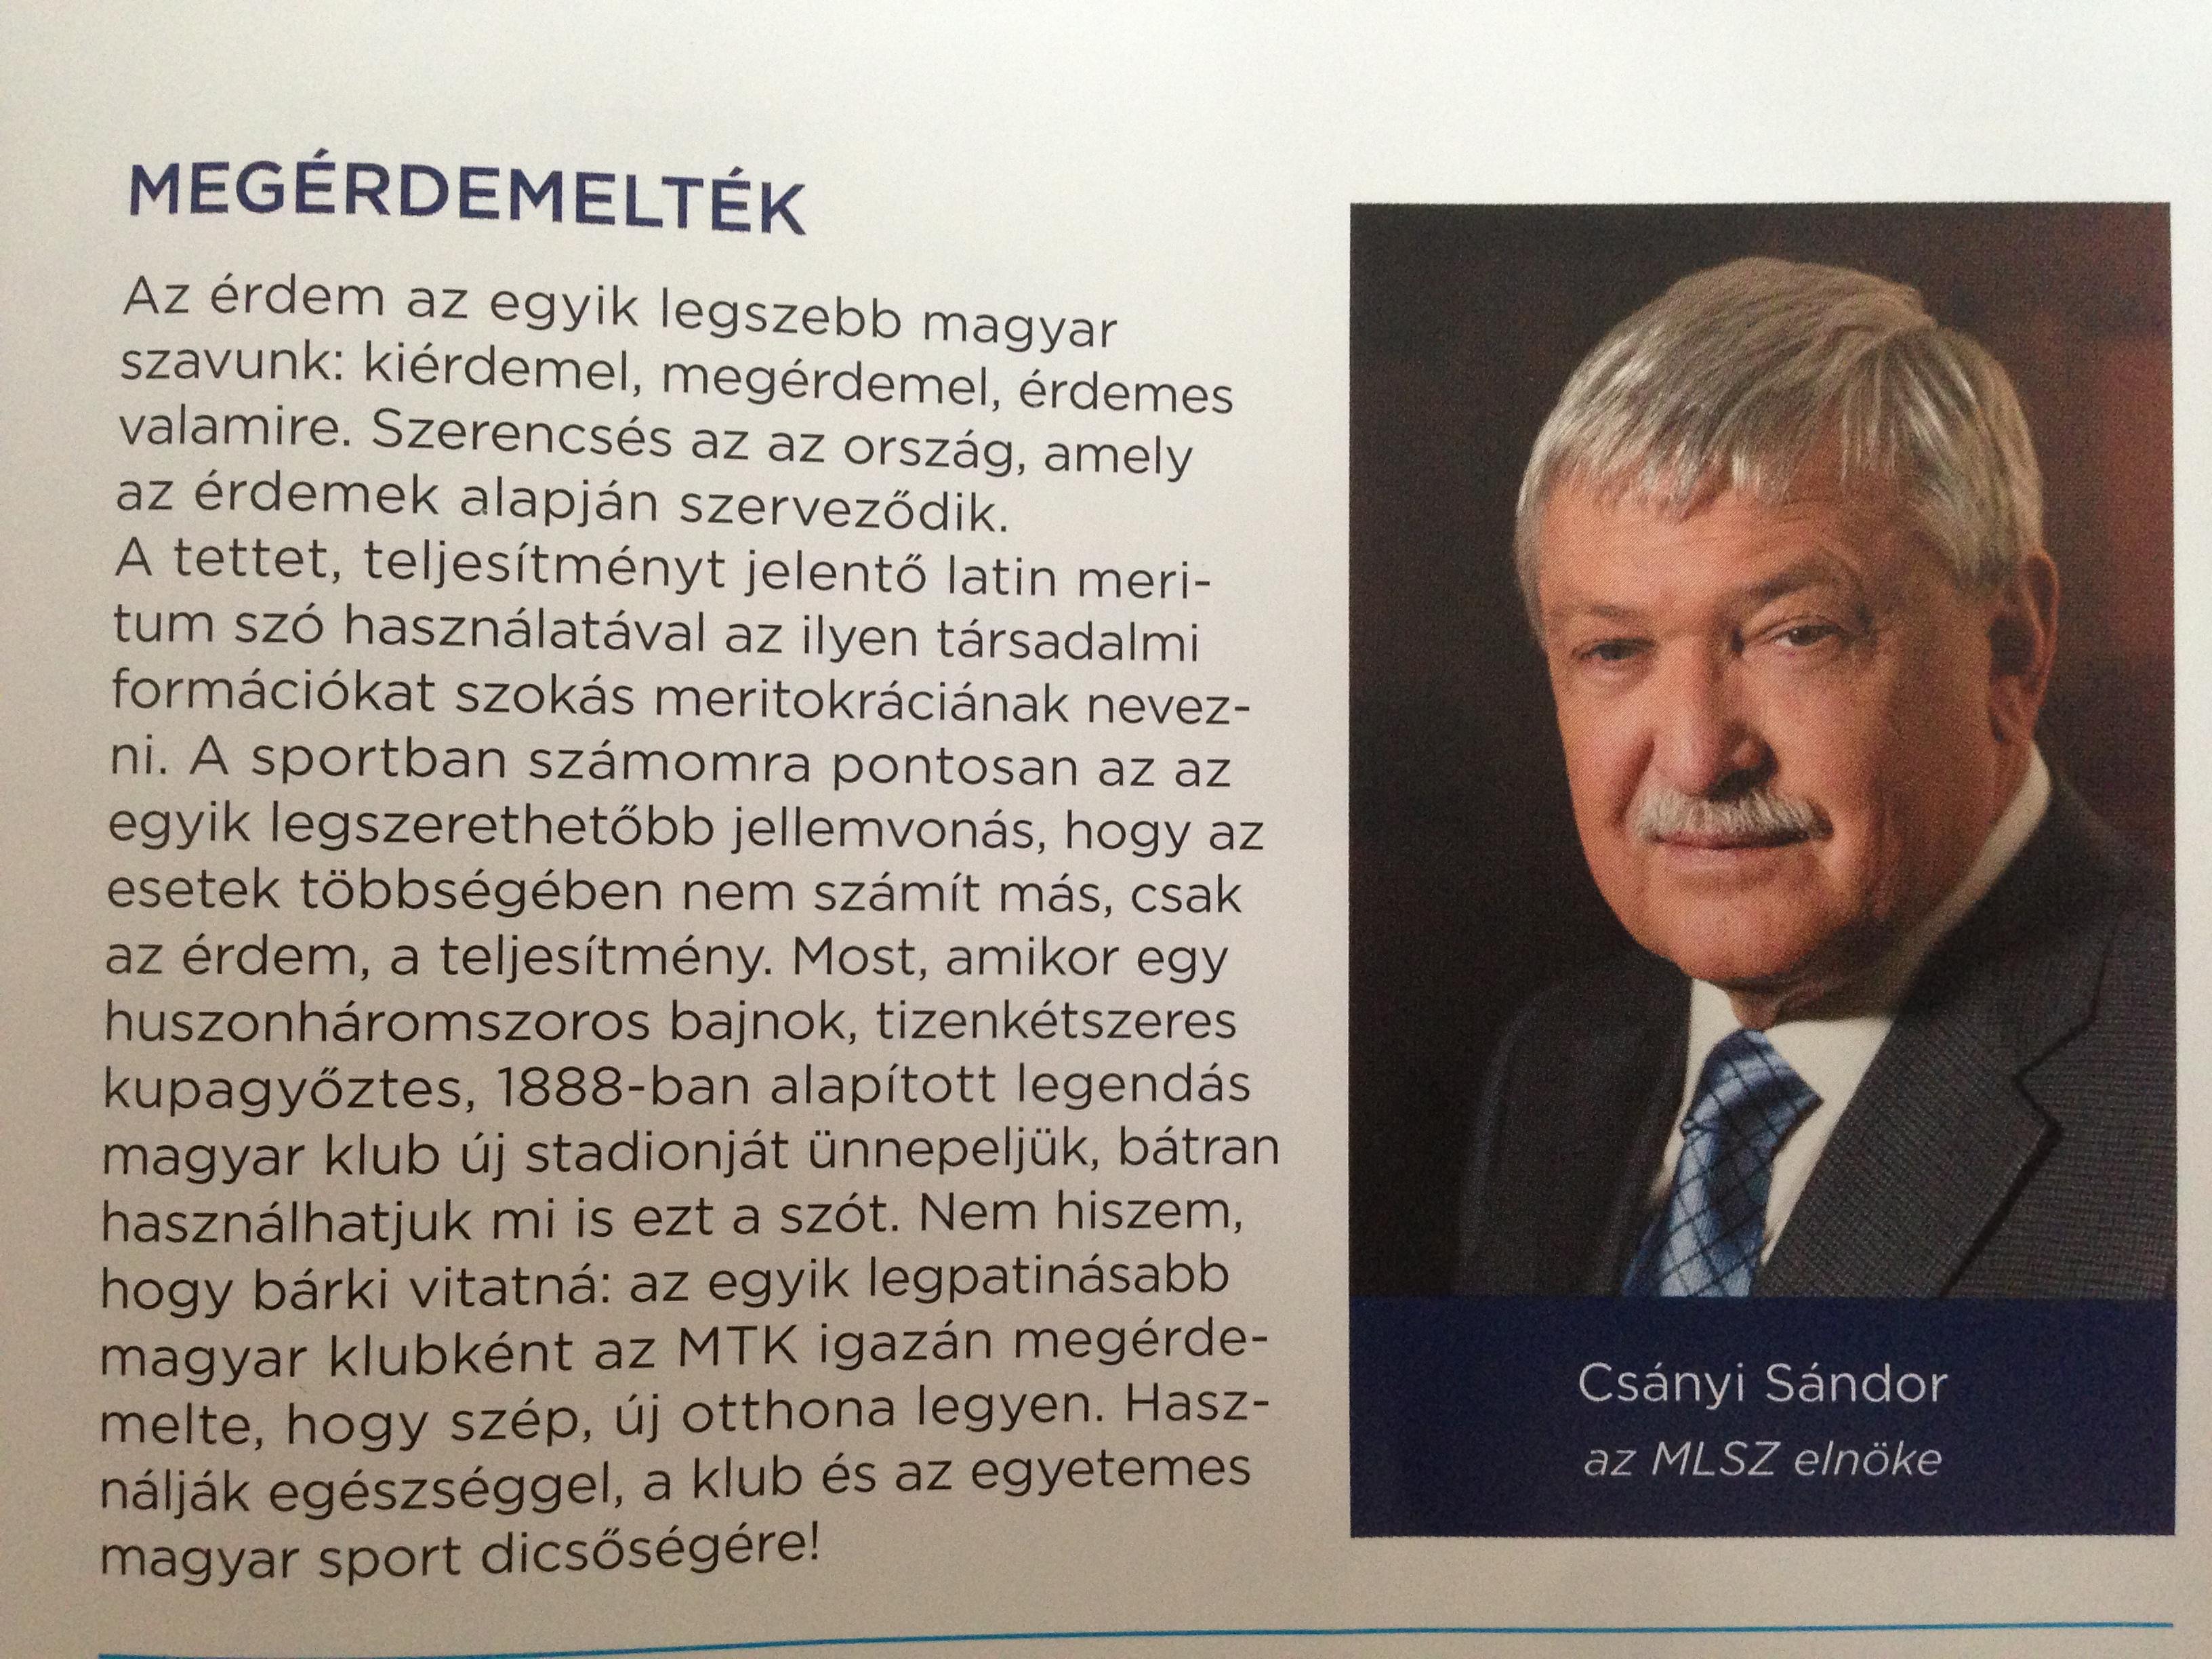 Csányi Sándor beszédet mondott volna az MTK stadionavatóján, csak elfelejtették meghívni